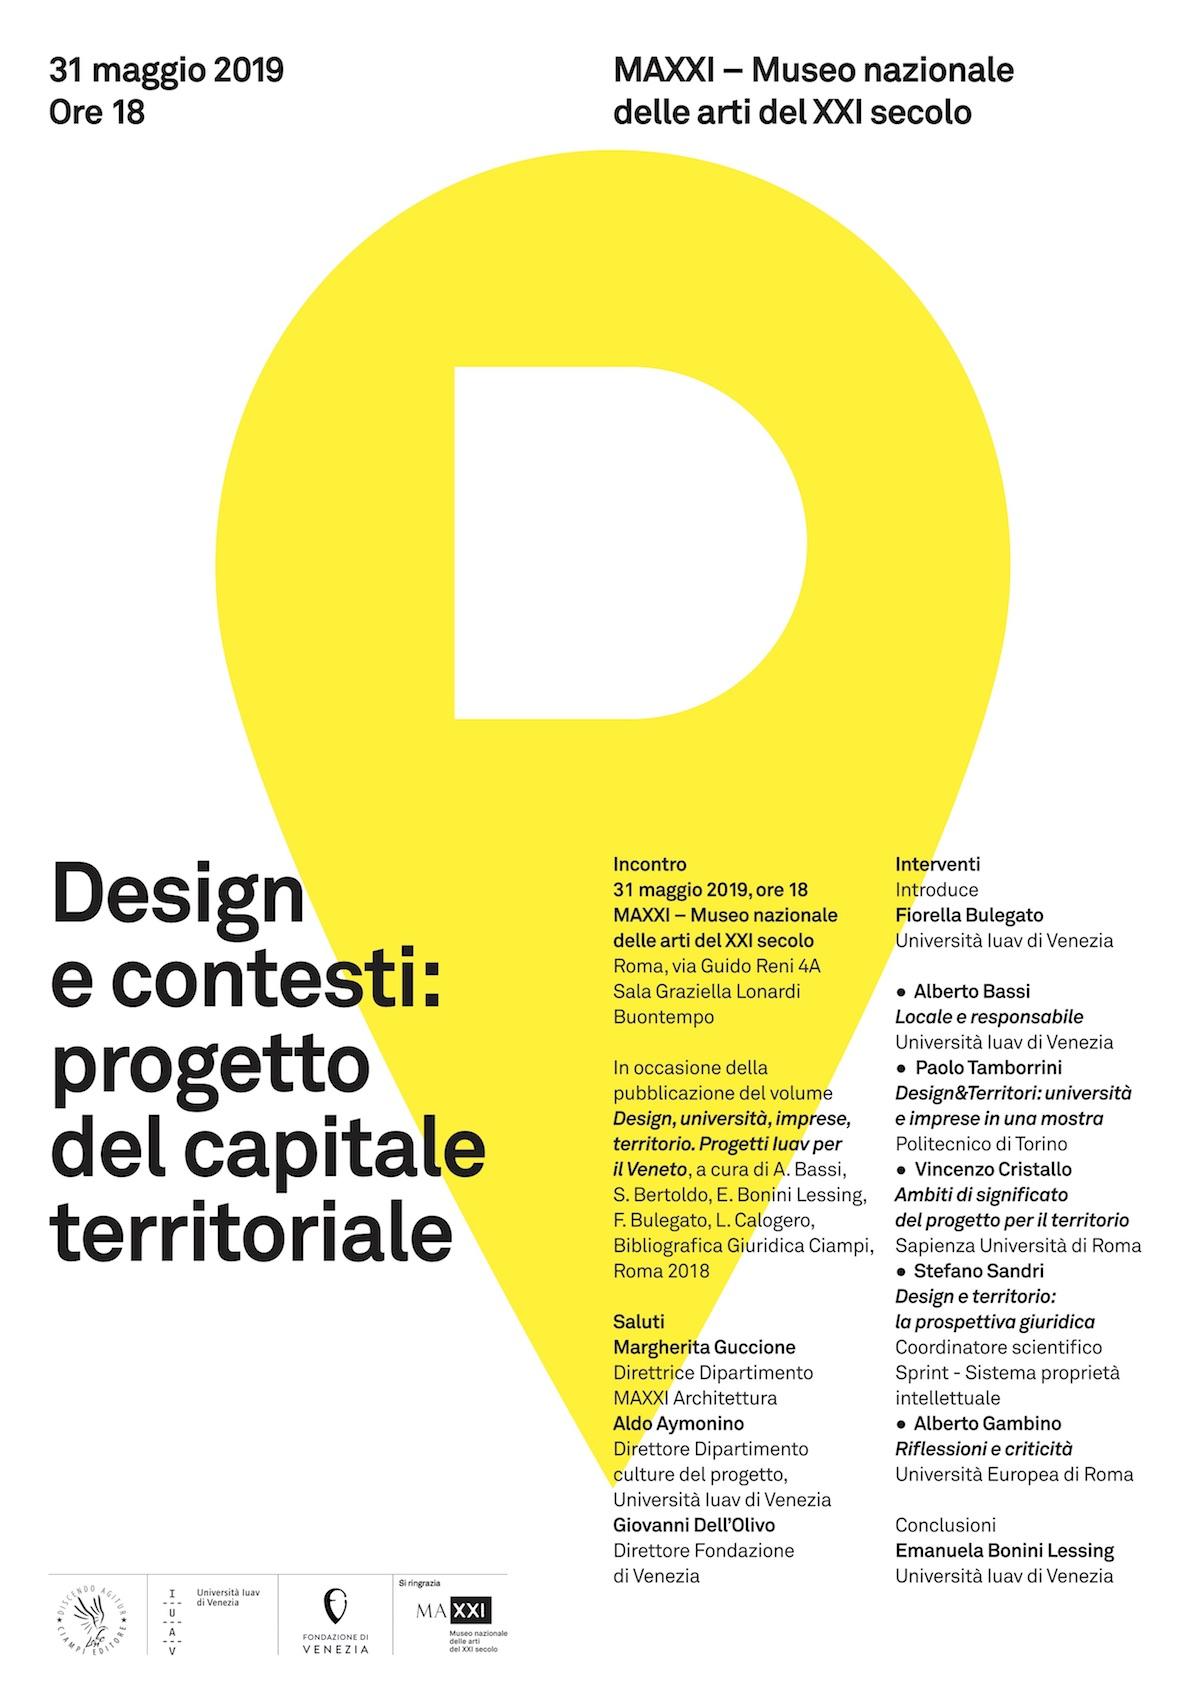 Design e contesti